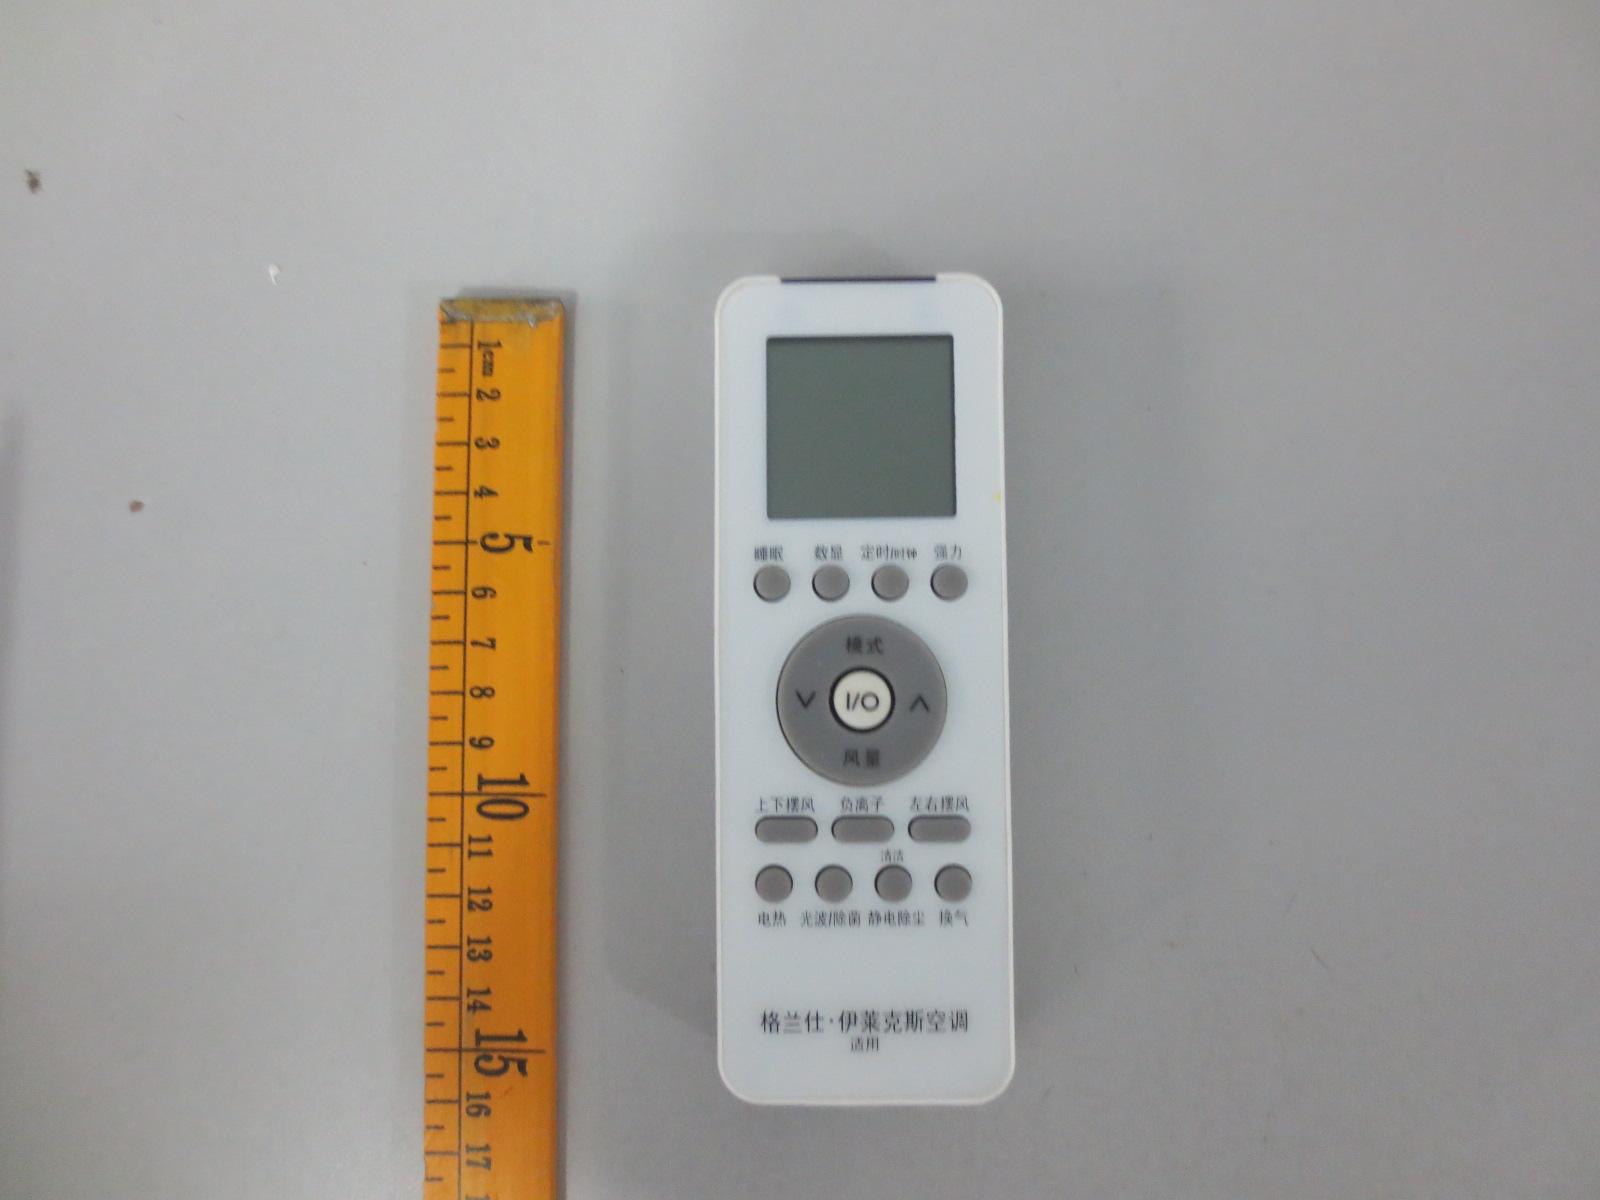 Универсальный пульт ДУ Отправить galanz кондиционер пульт дистанционного управления батареи gz - 39gb Electrolux gz-39gb-002 обыкновенных акций